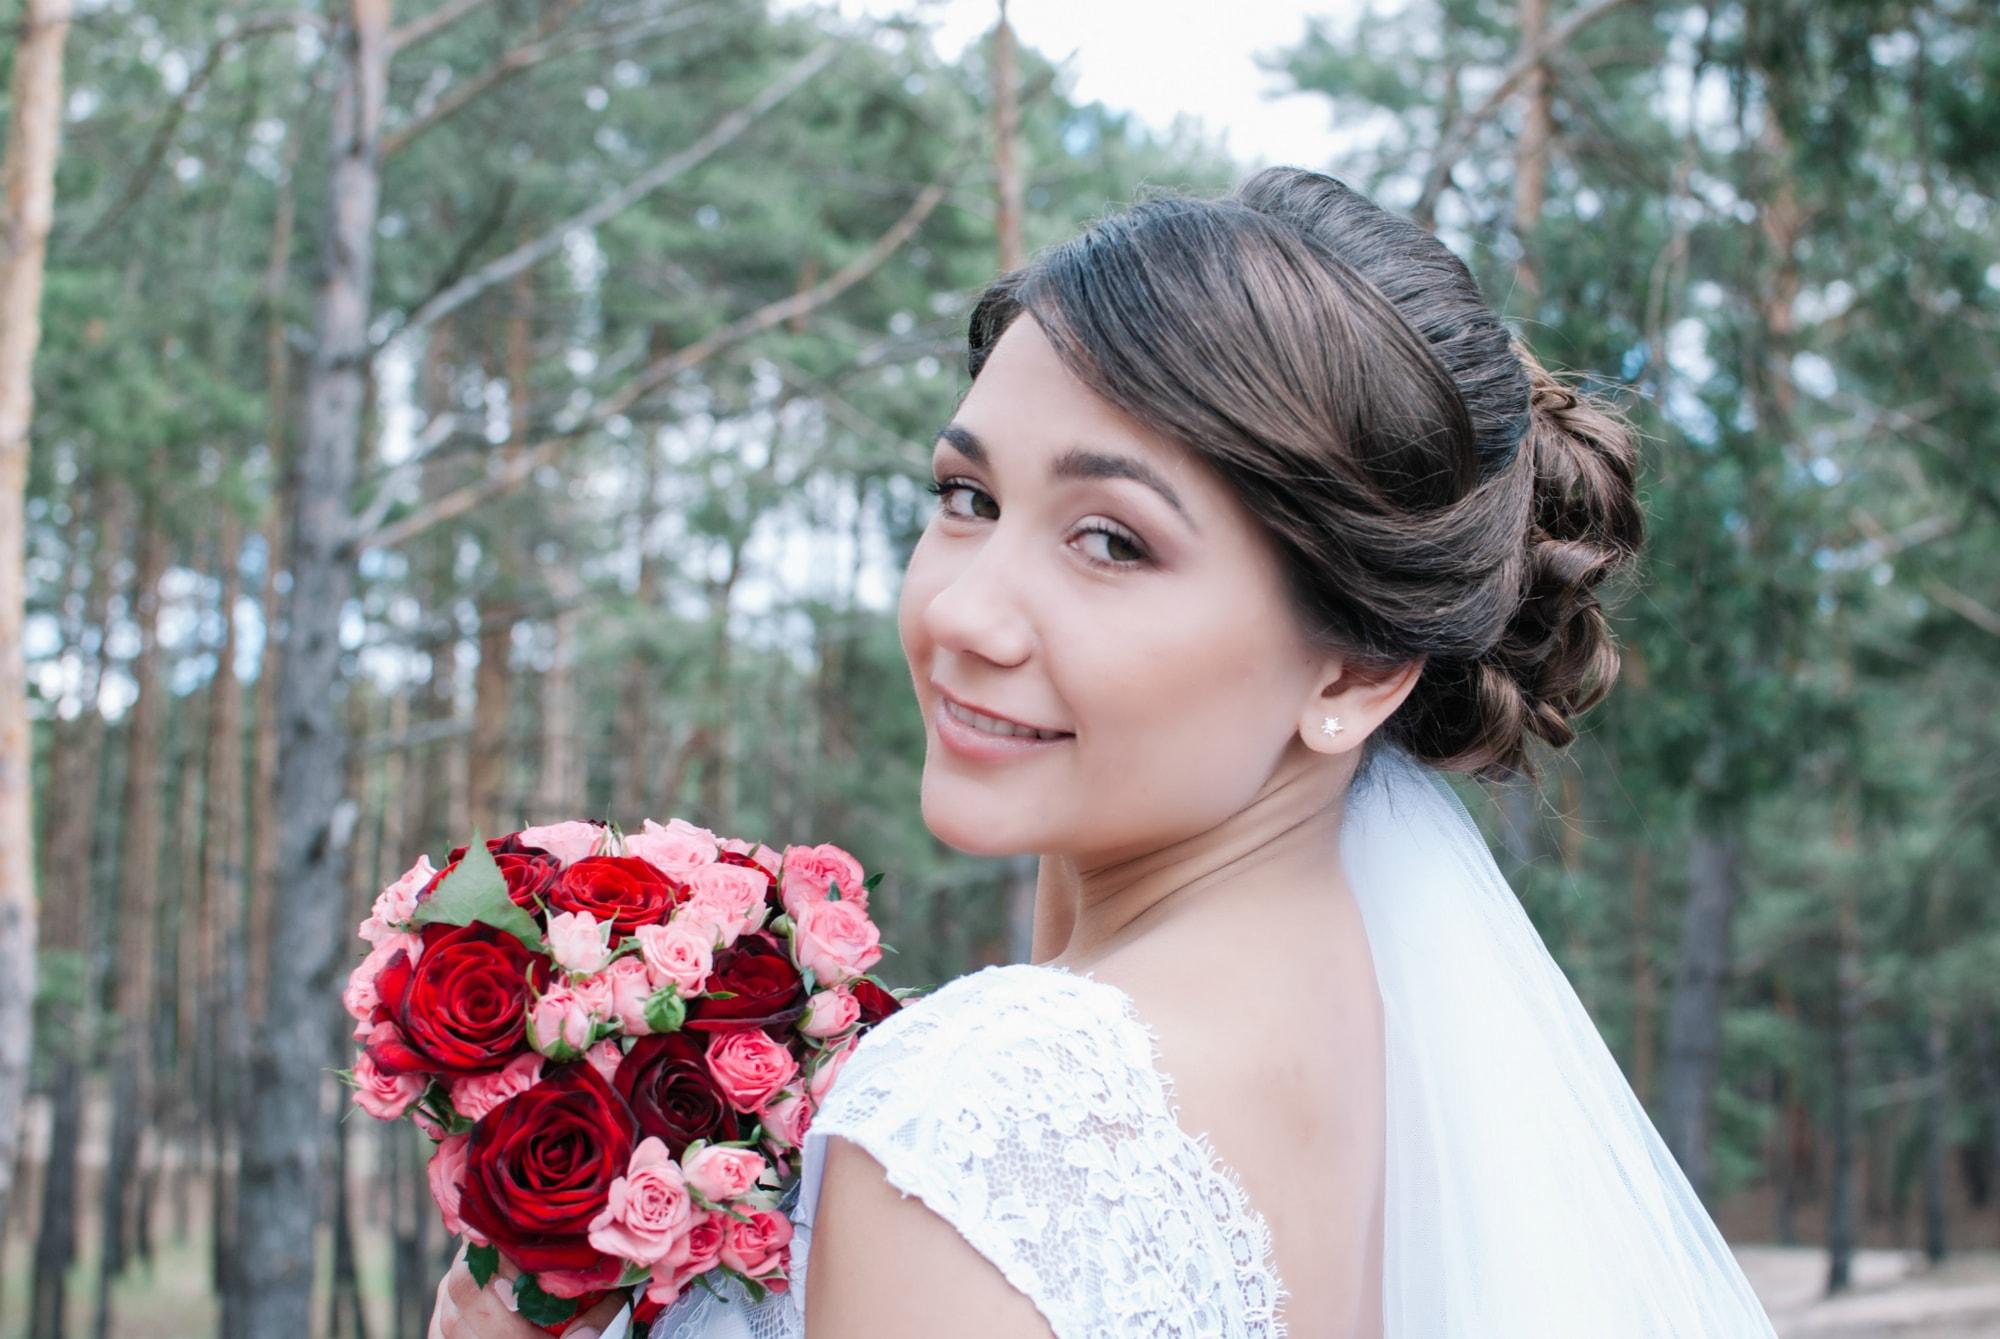 Нежность во взгляде невесты - Фотограф Киев - Женя Лайт